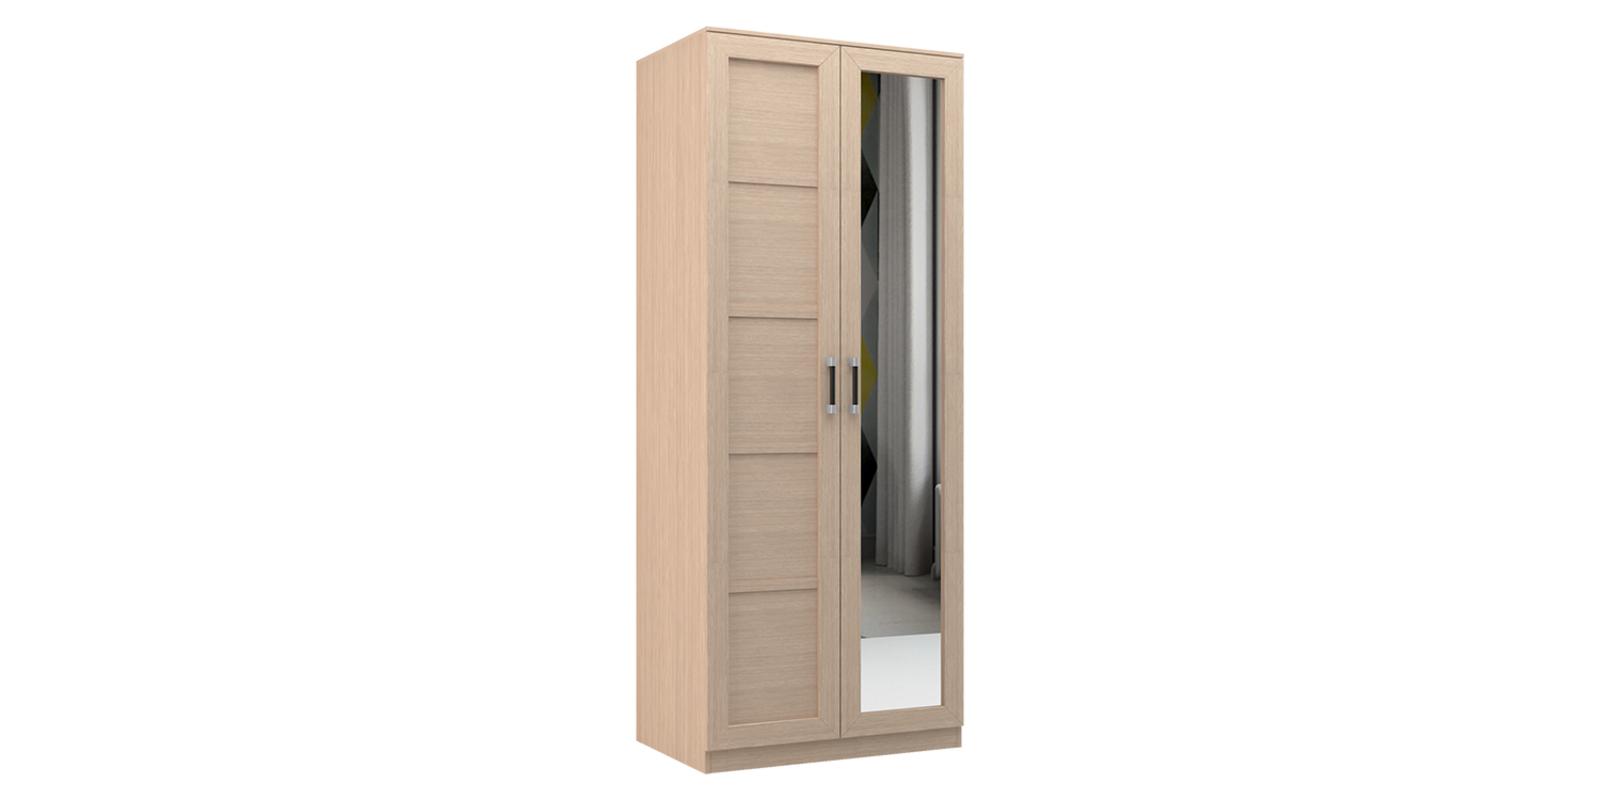 Шкаф распашной двухдверный Дельта (дуб белфорт+зеркало)